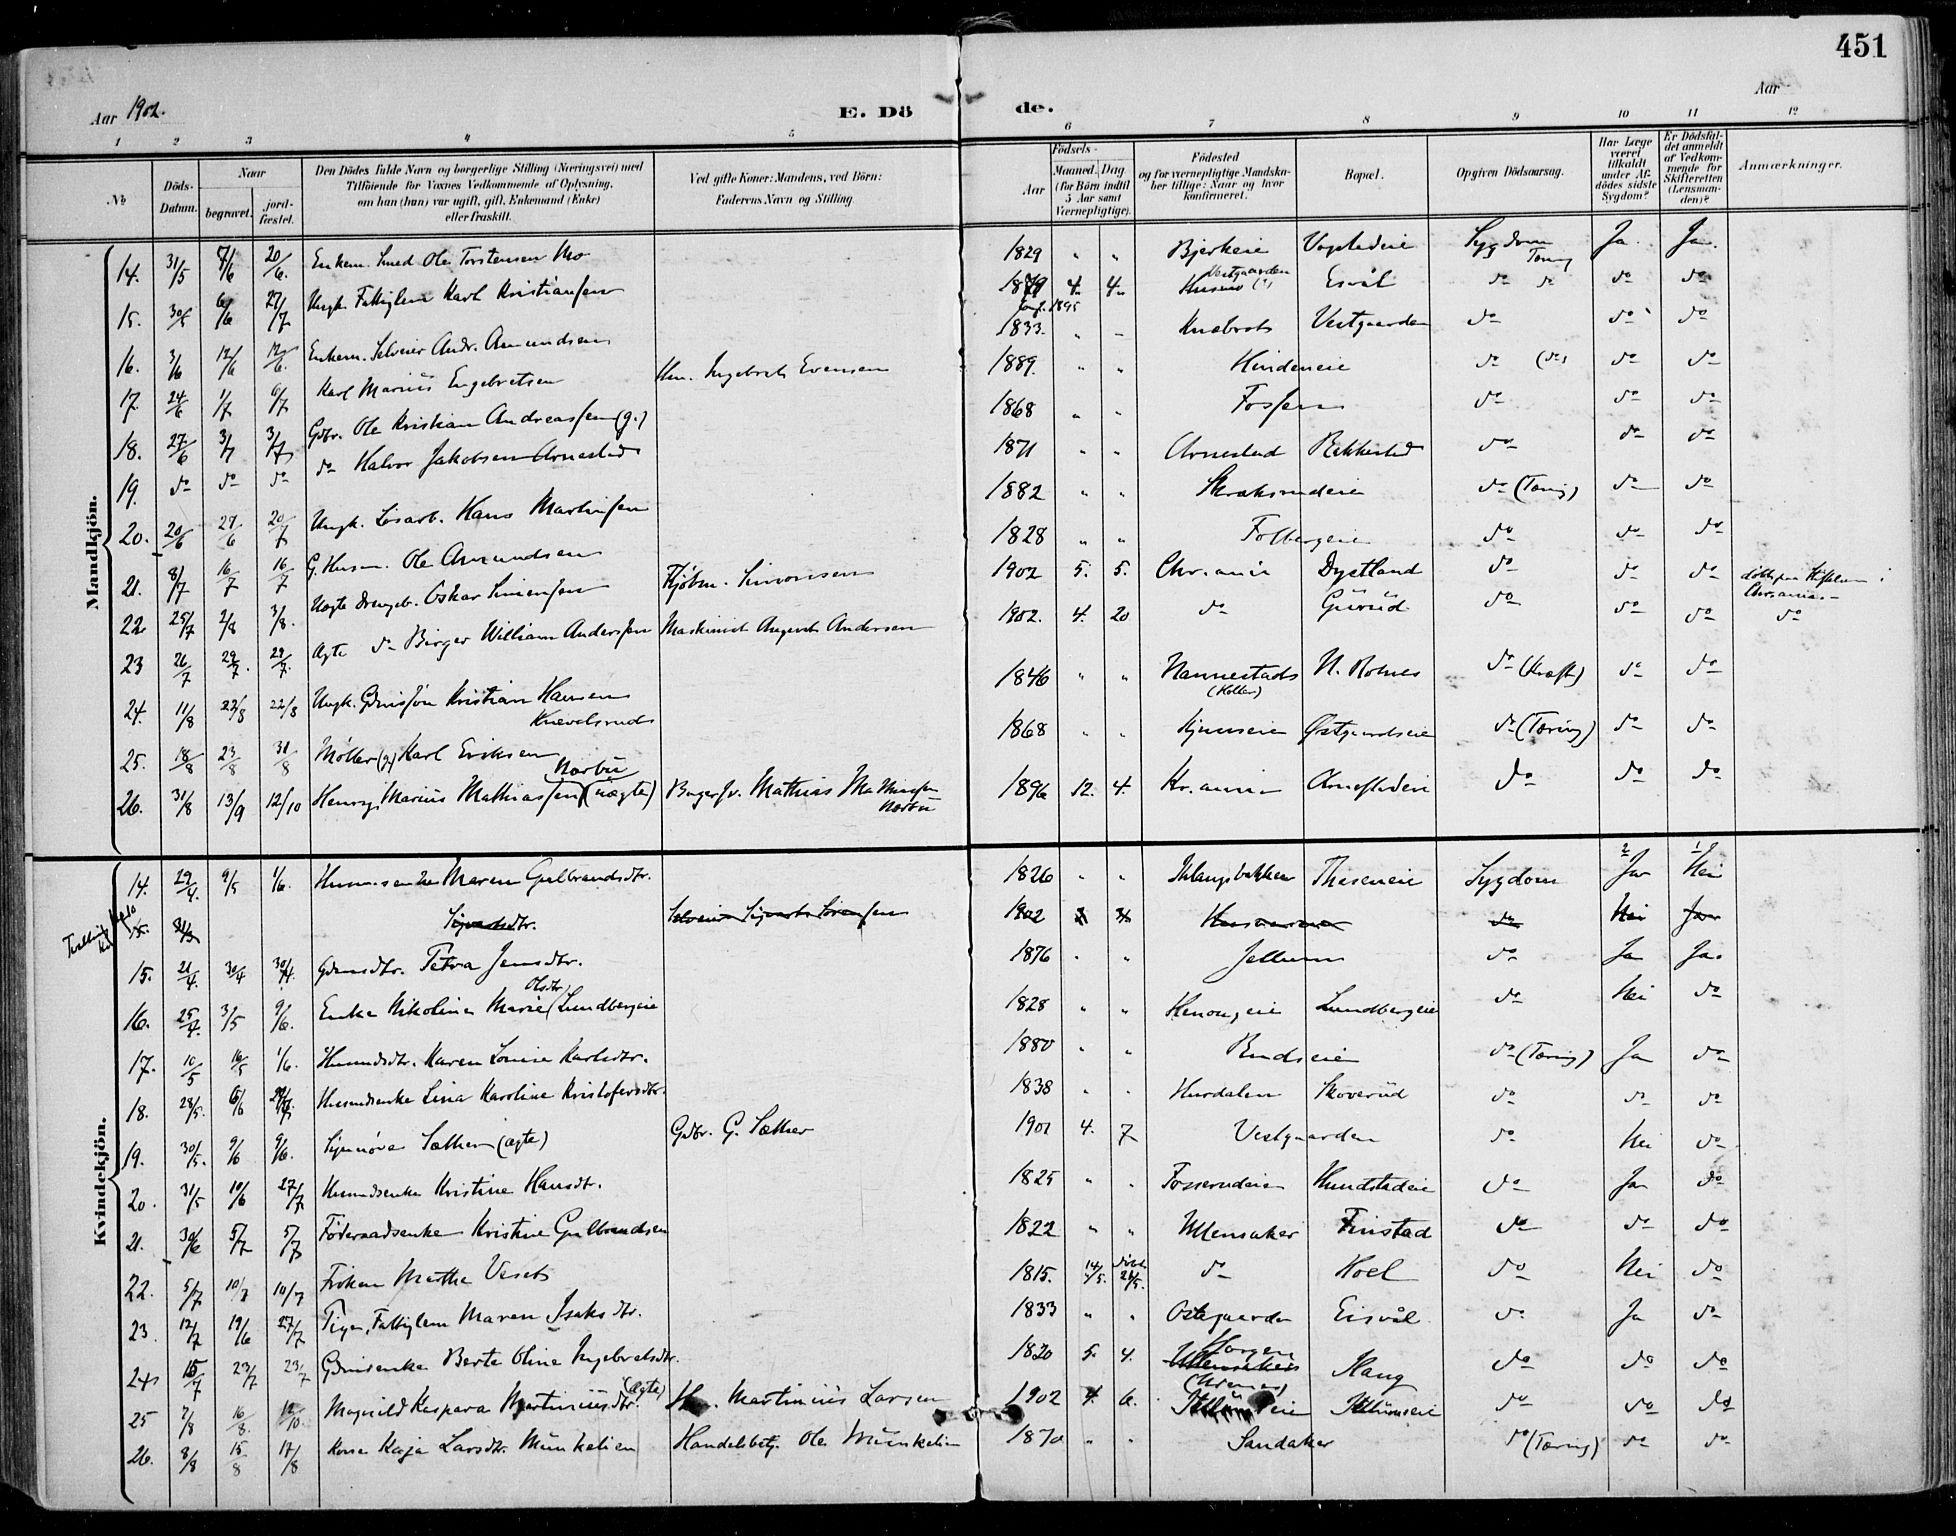 SAO, Nes prestekontor Kirkebøker, F/Fa/L0011: Ministerialbok nr. I 11, 1899-1918, s. 451